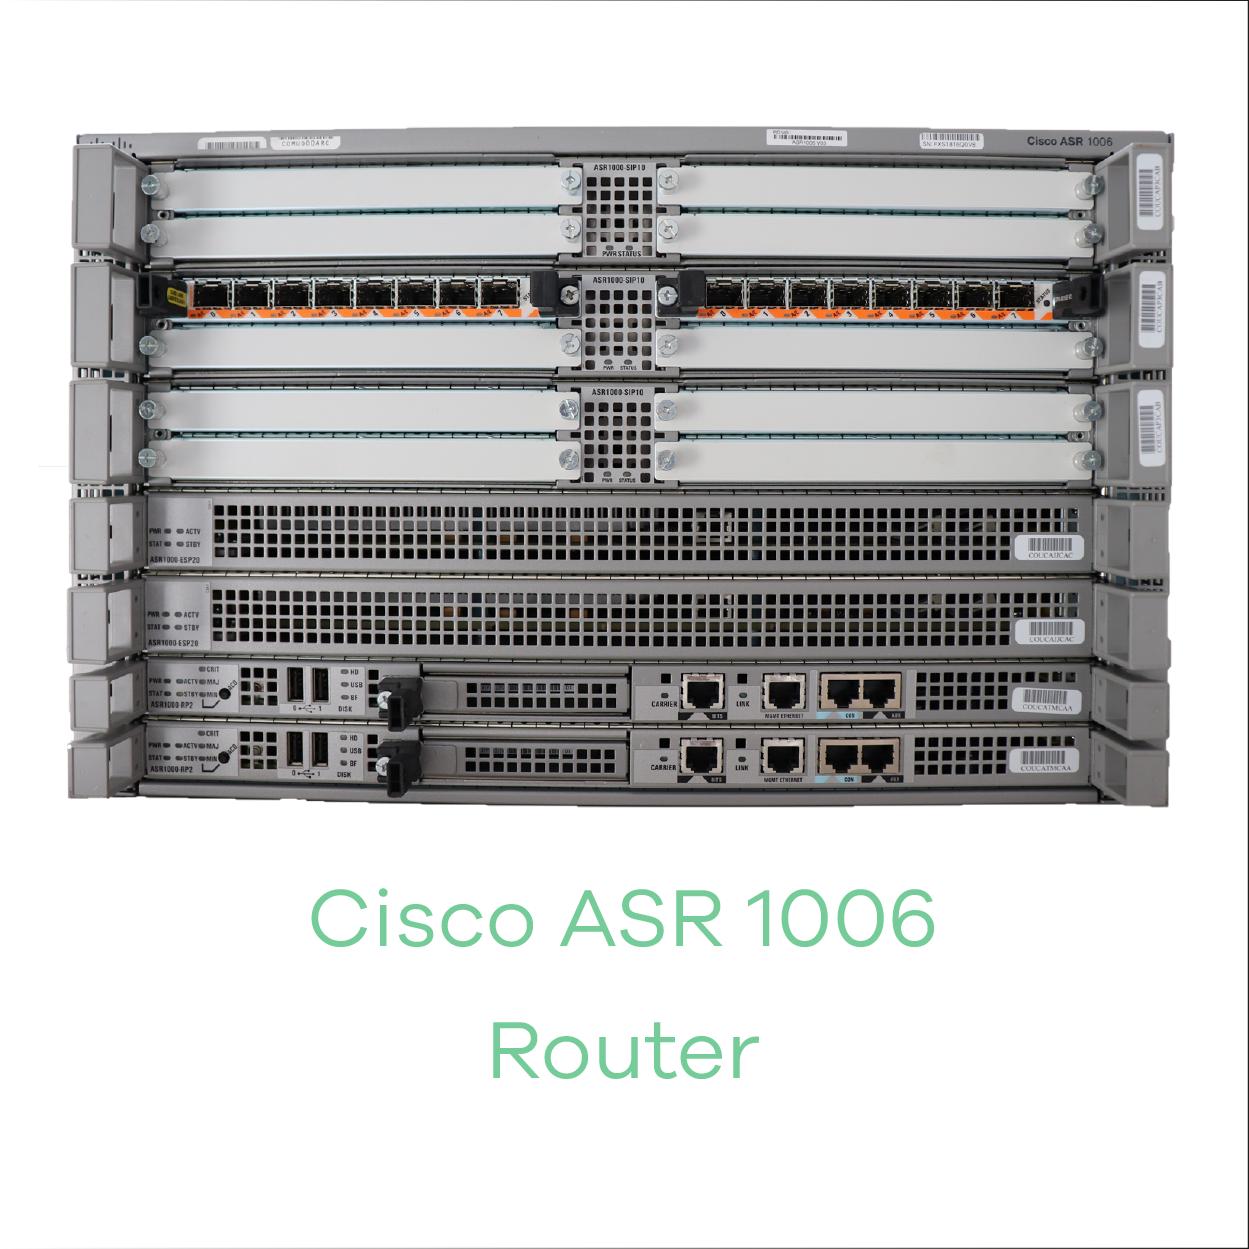 Cisco ASR 1006